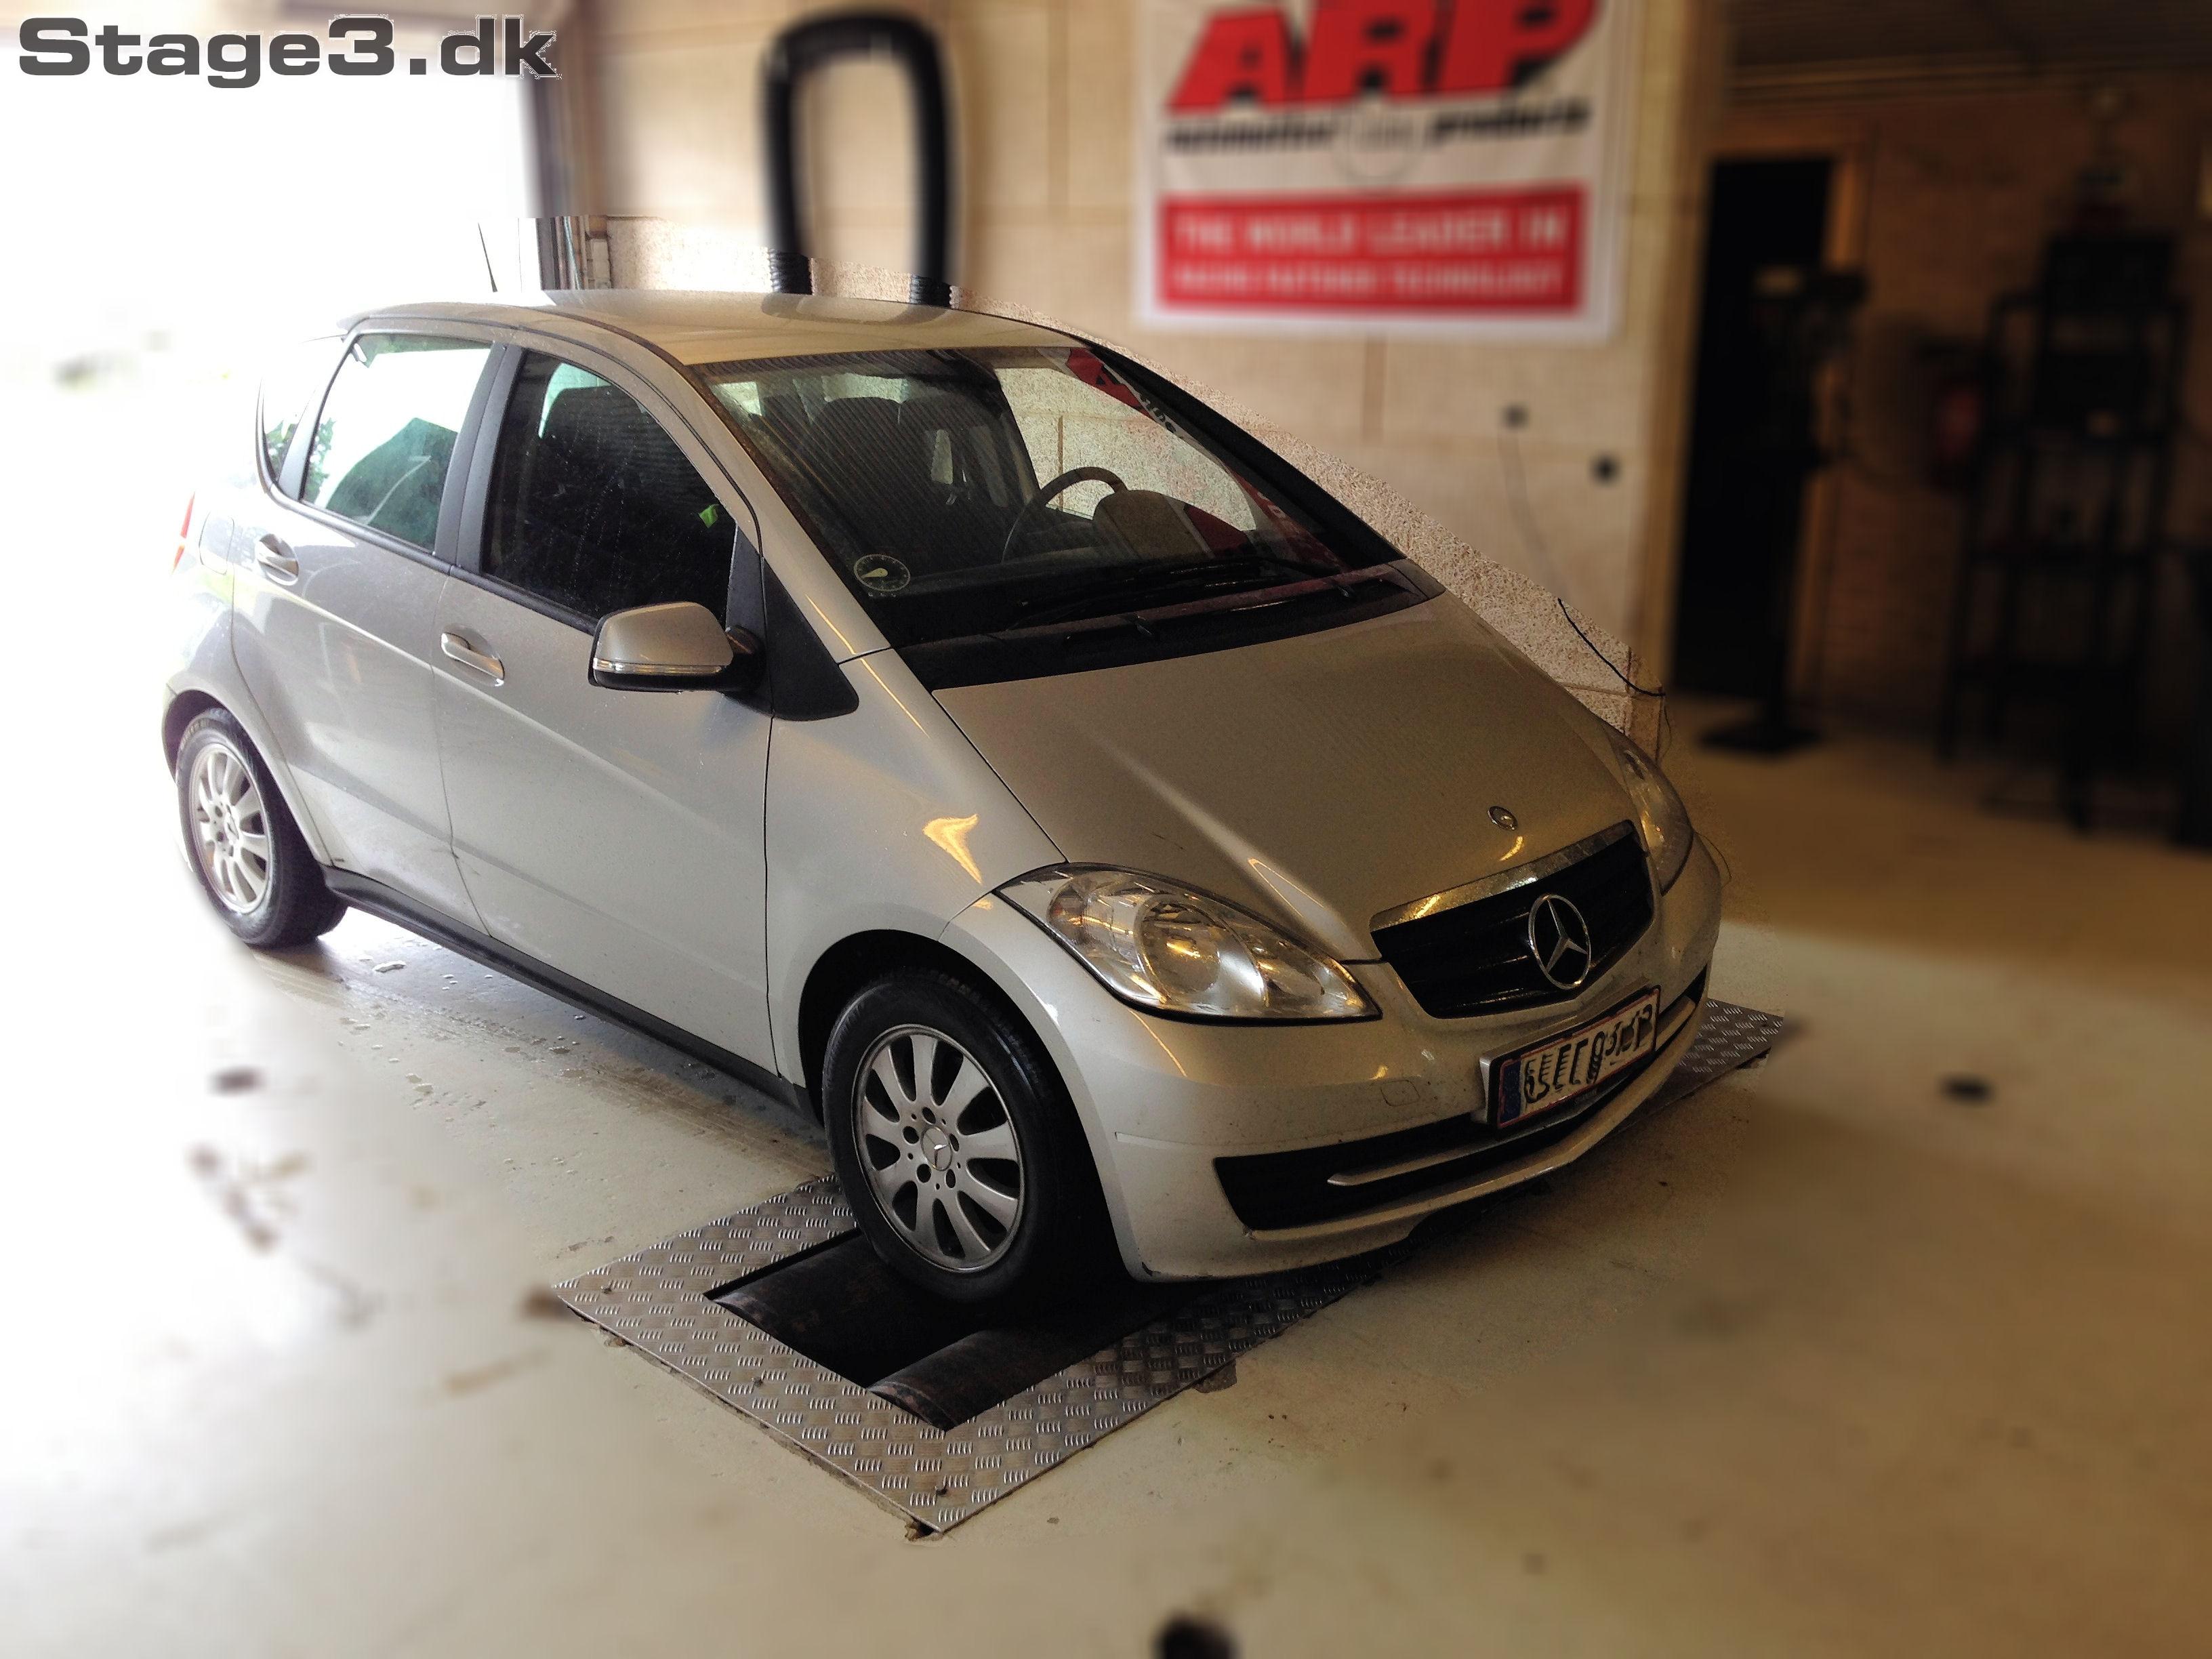 Mercedes a180 CDI (3)